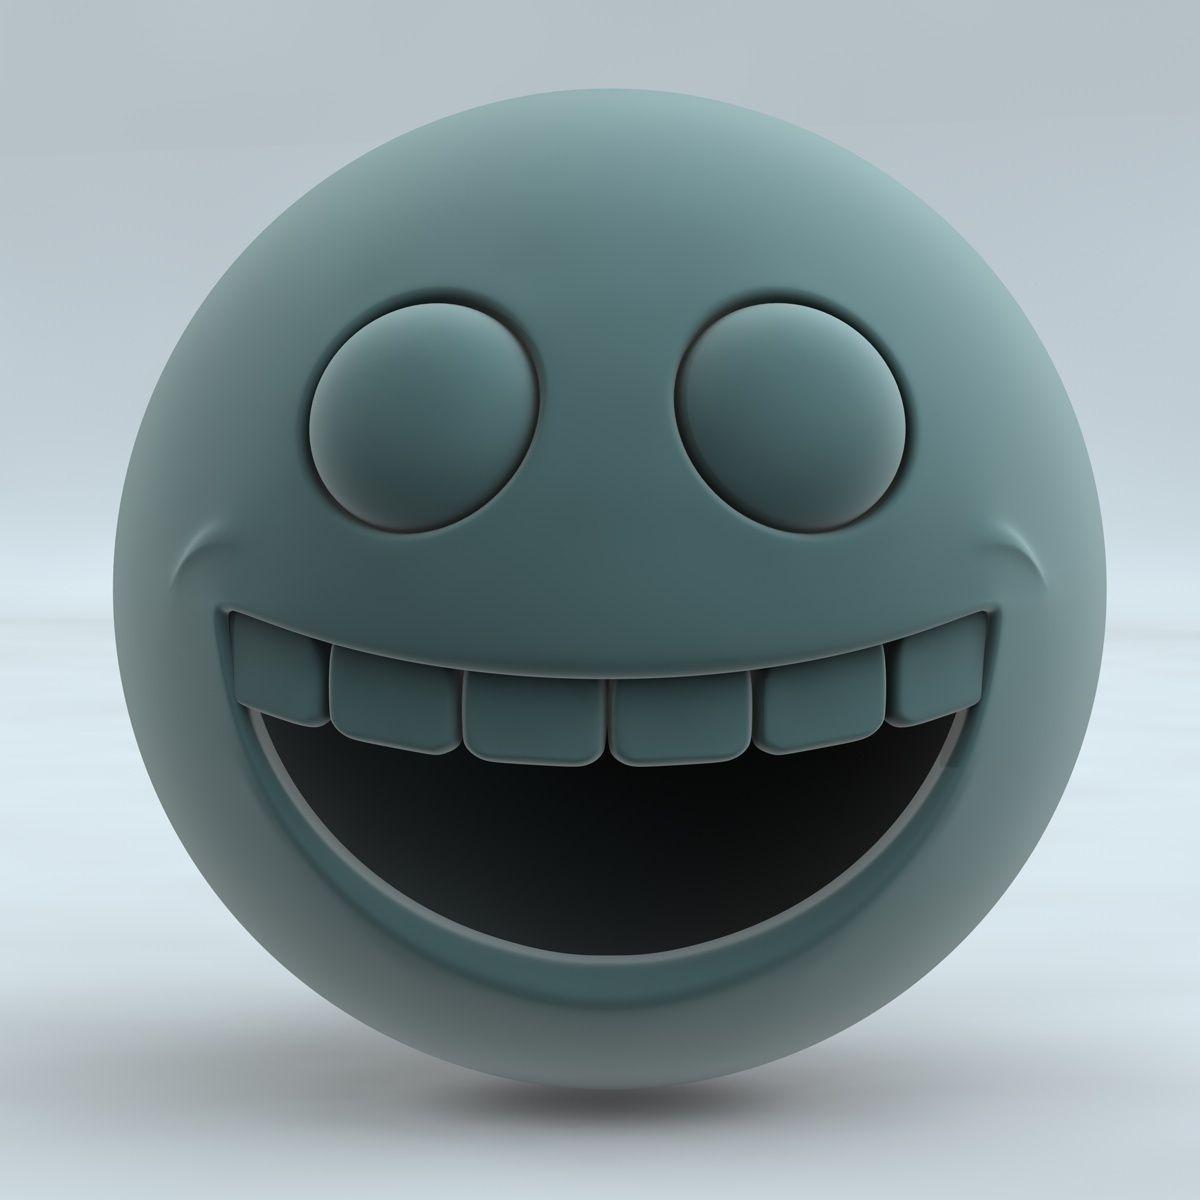 Smiley Face 3D Model OBJ 3DS FBX C4D | CGTrader.com